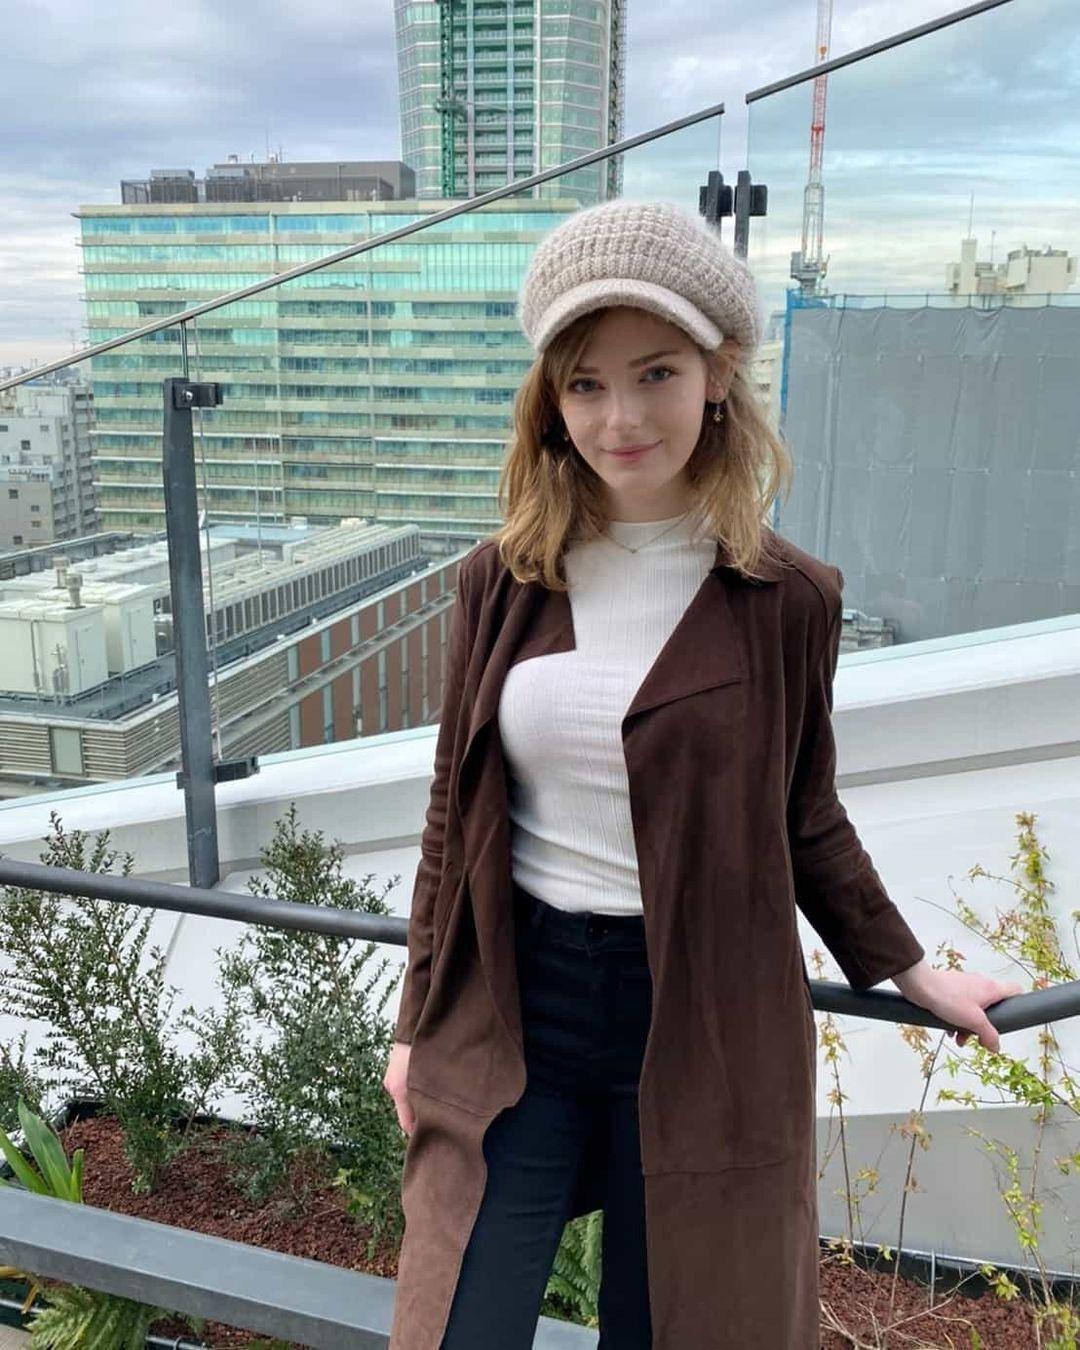 荷兰人气网红《Ella Freya》精灵美颜,空灵仙气日本杂志御用模特儿-新图包